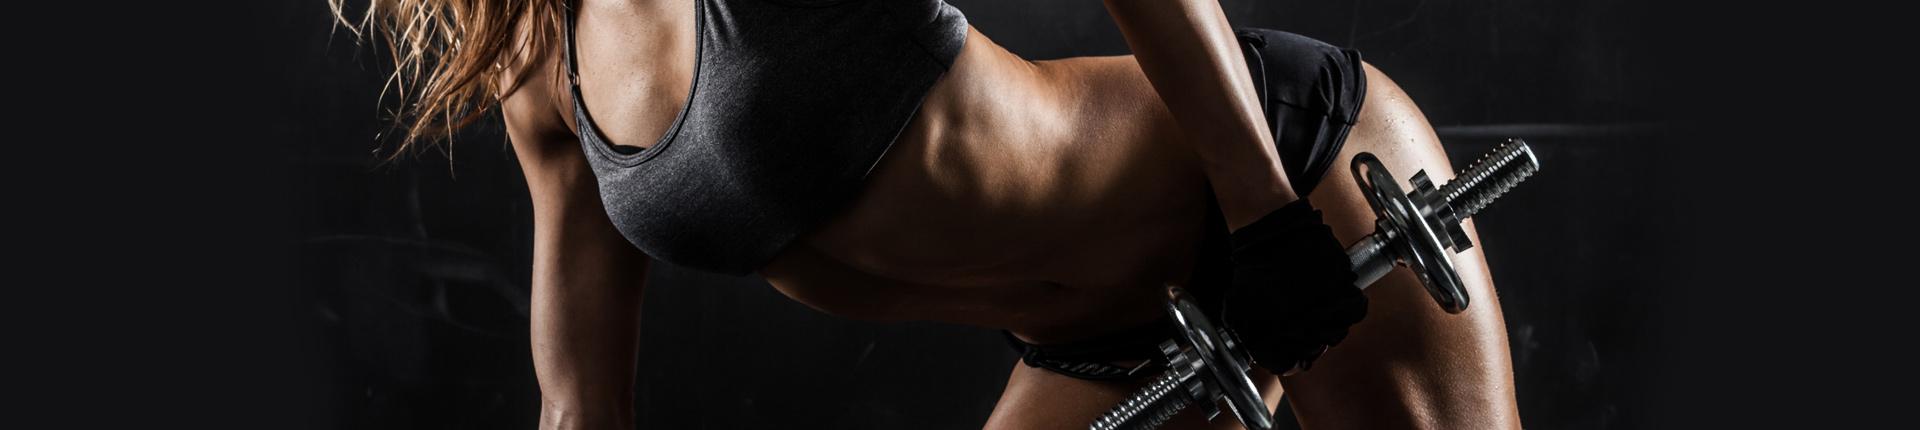 """Trening na masę dla kobiet - """"uwarunkowania hormonalne"""""""